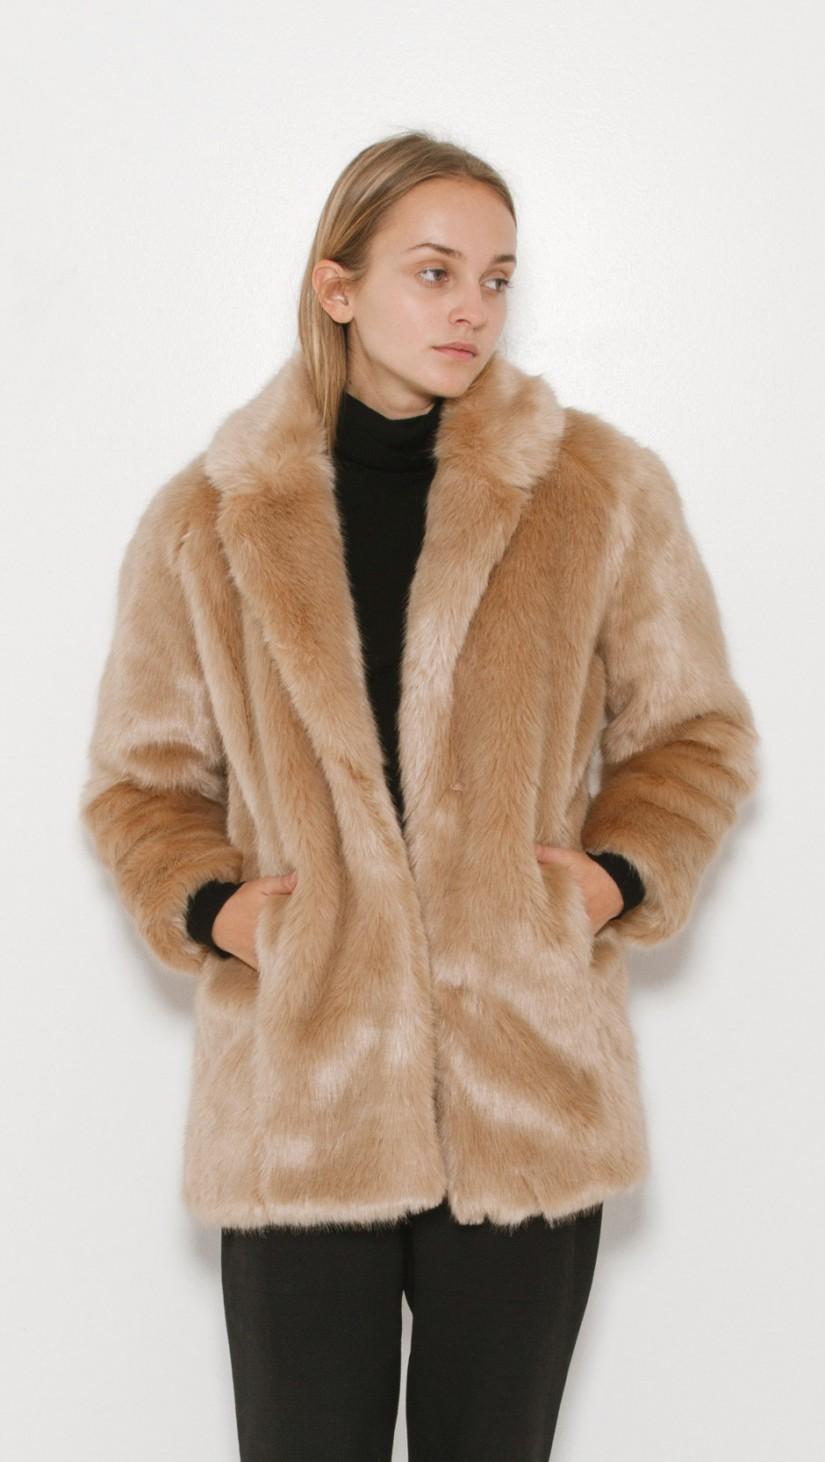 Remix Faux Fur Coat in Camel 509 | The Dreslyn